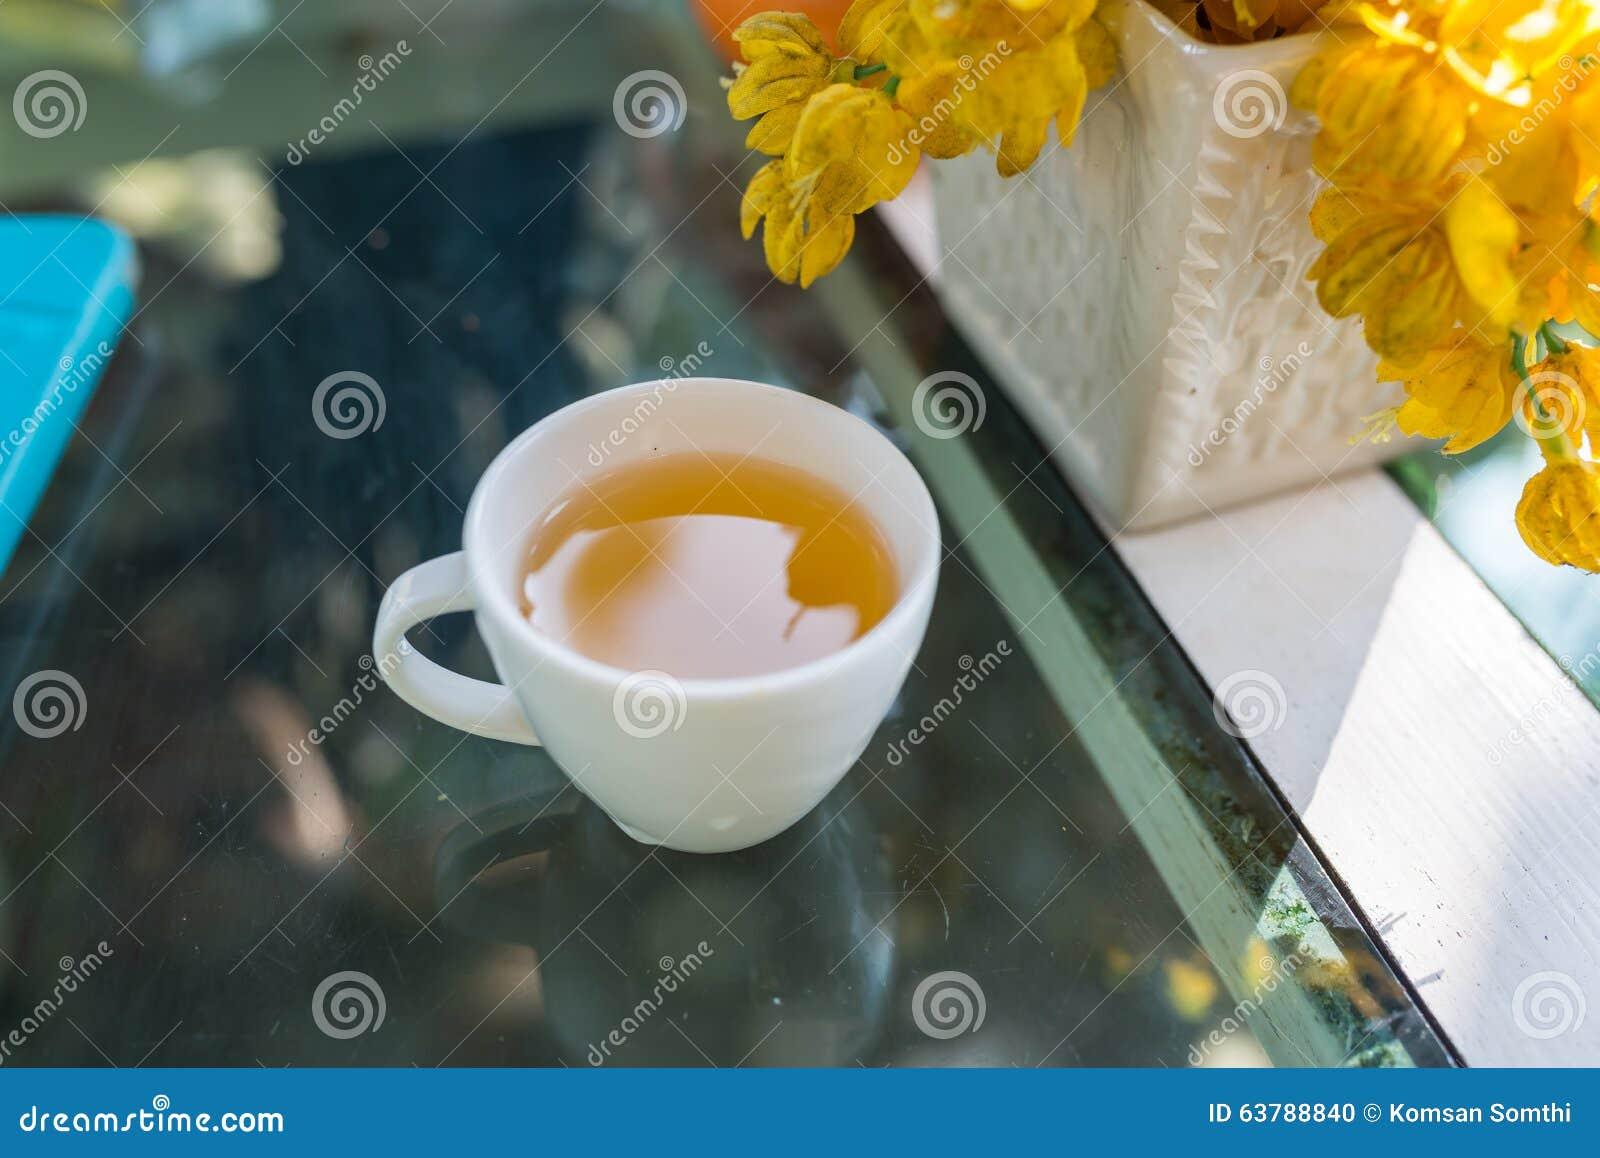 Weiße Schale gießen heißen grünen Tee